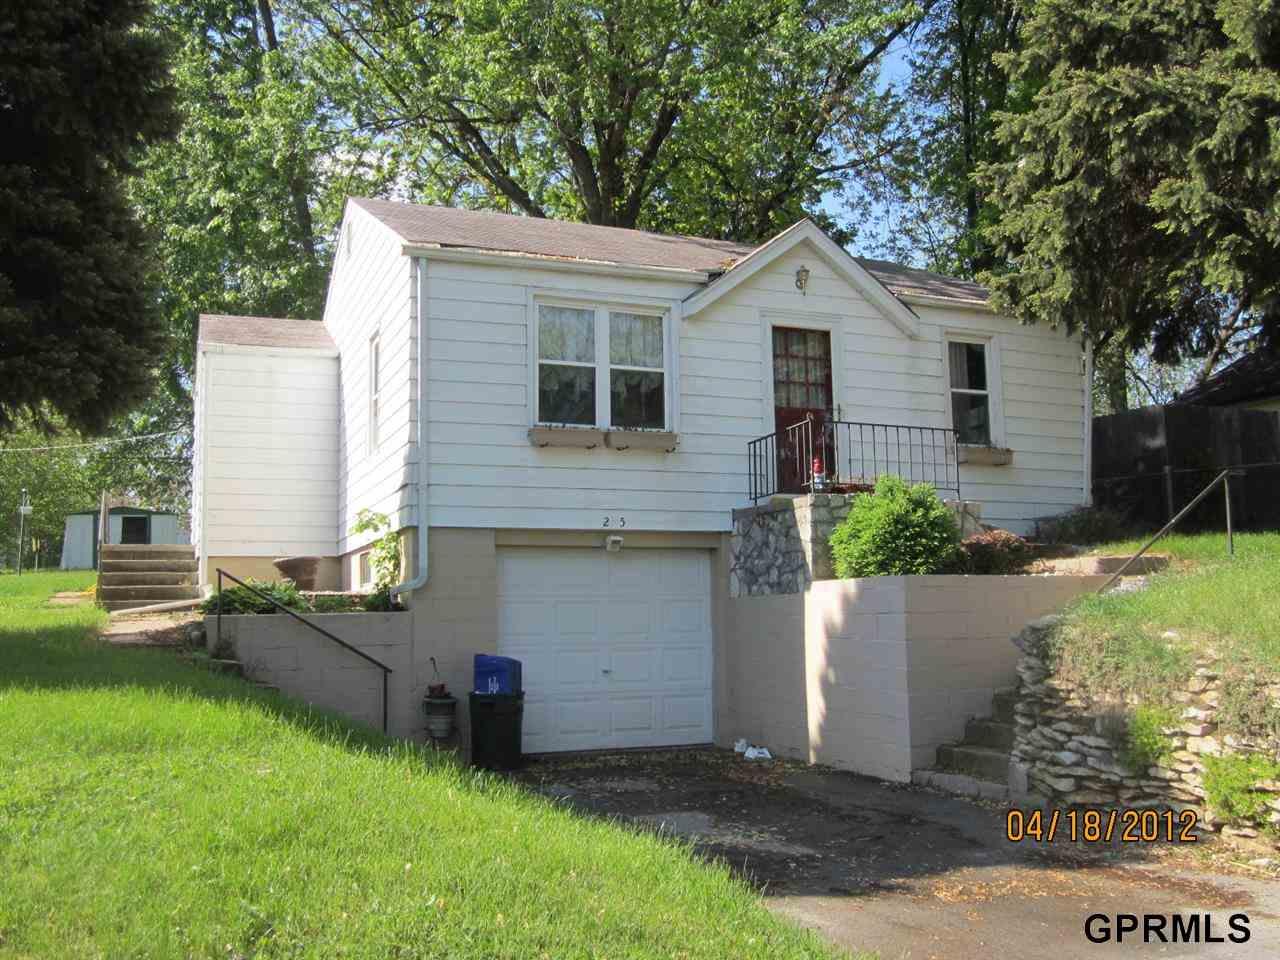 Rental Homes for Rent, ListingId:28953776, location: 2515 Olive Street Bellevue 68147